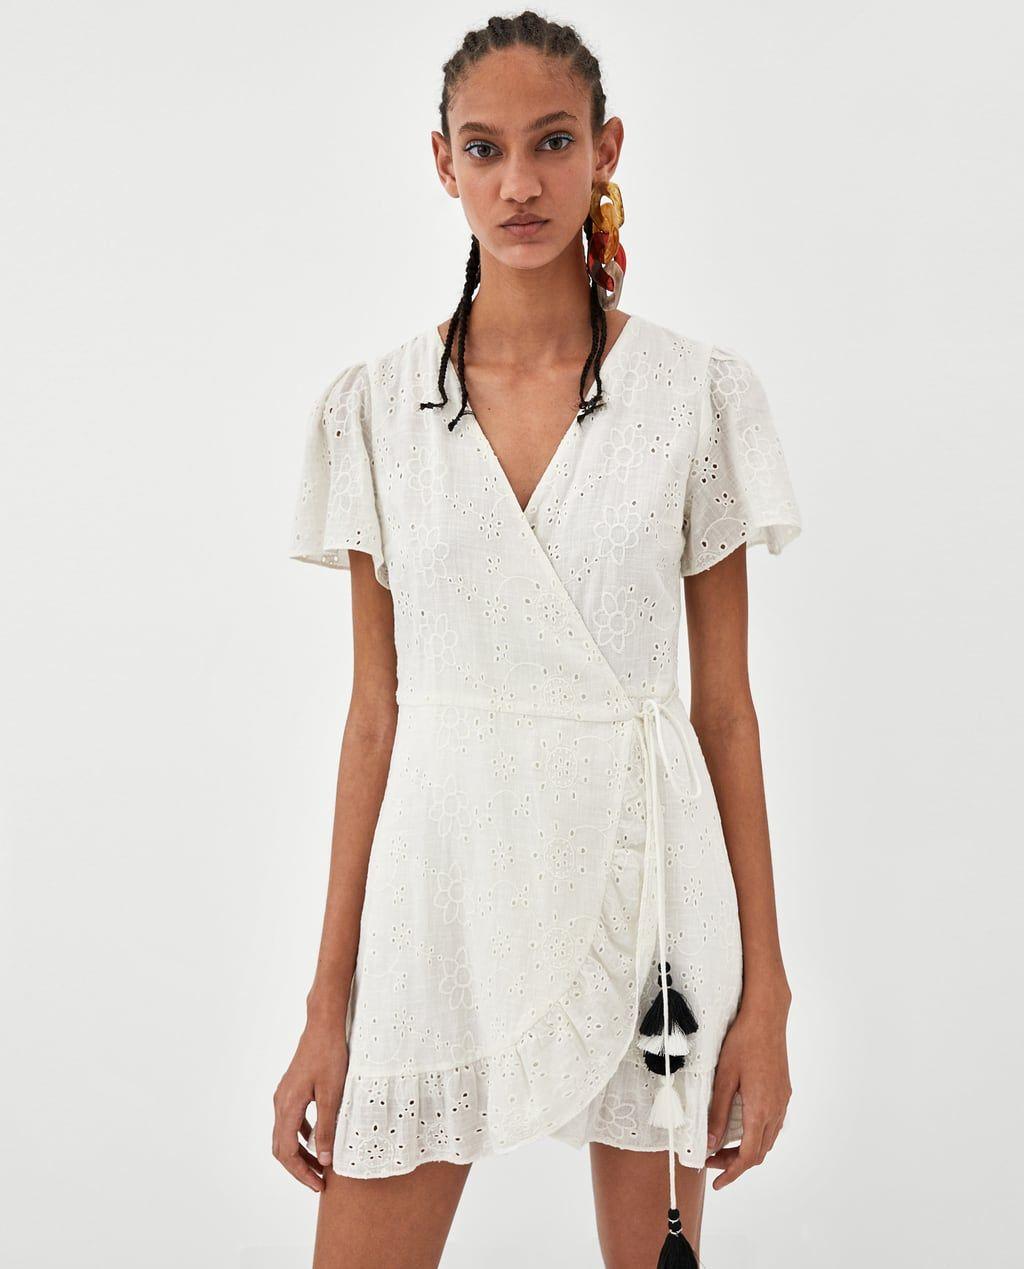 Imagen 2 De Vestido Cruzado Bordados De Zara Lace Sundress Wrap Dress White Lace Sundress